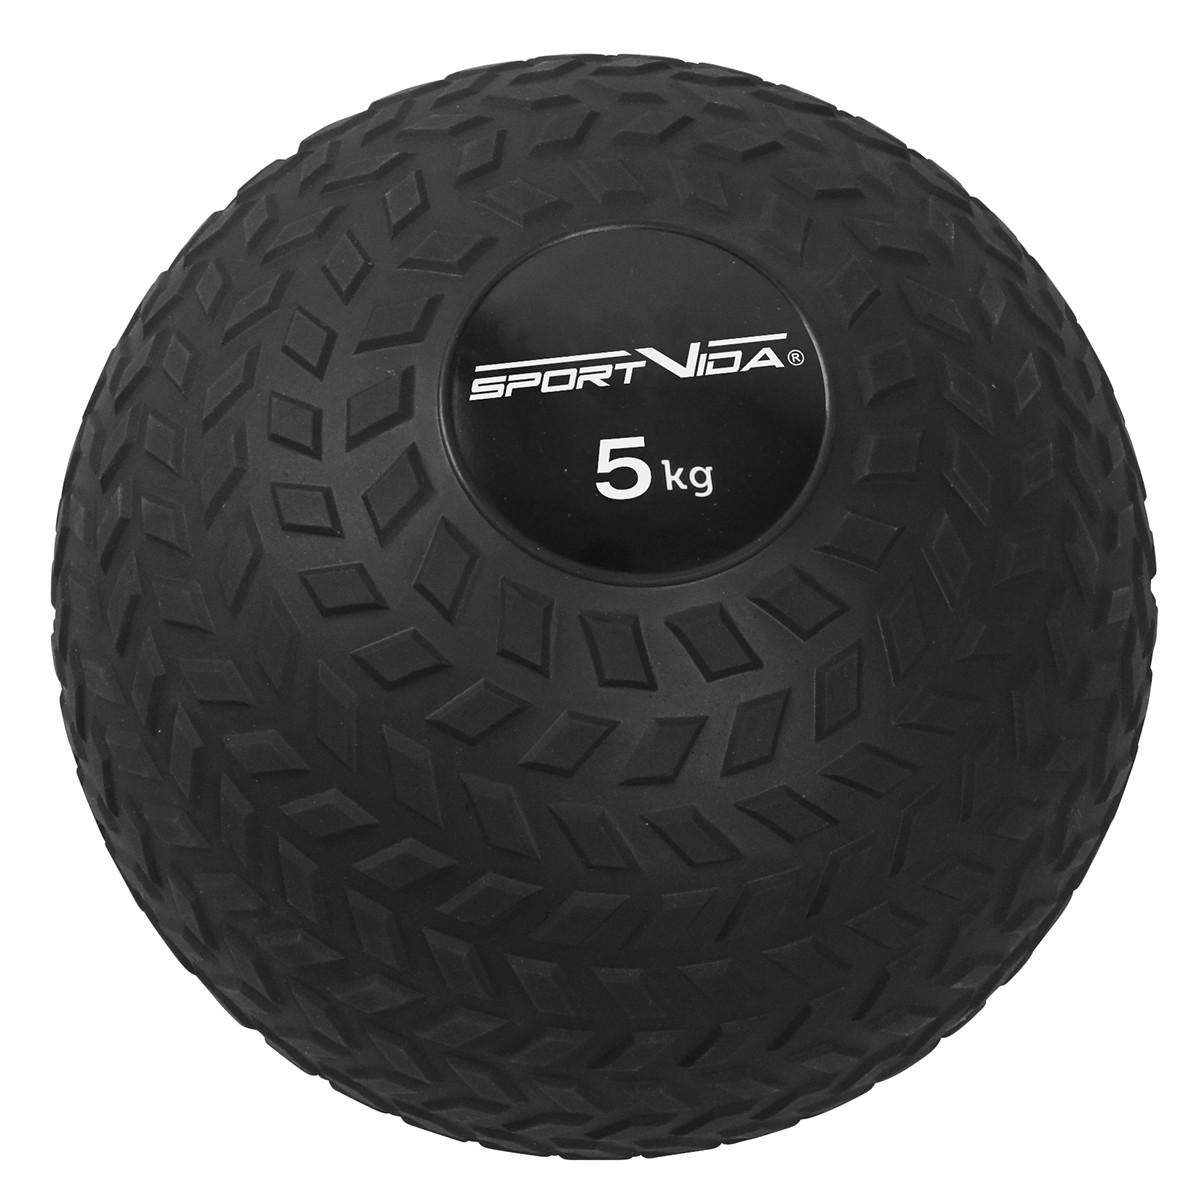 Слембол (медичний м'яч) для кроссфита SportVida Slam Ball 5 кг SV-HK0347 Black